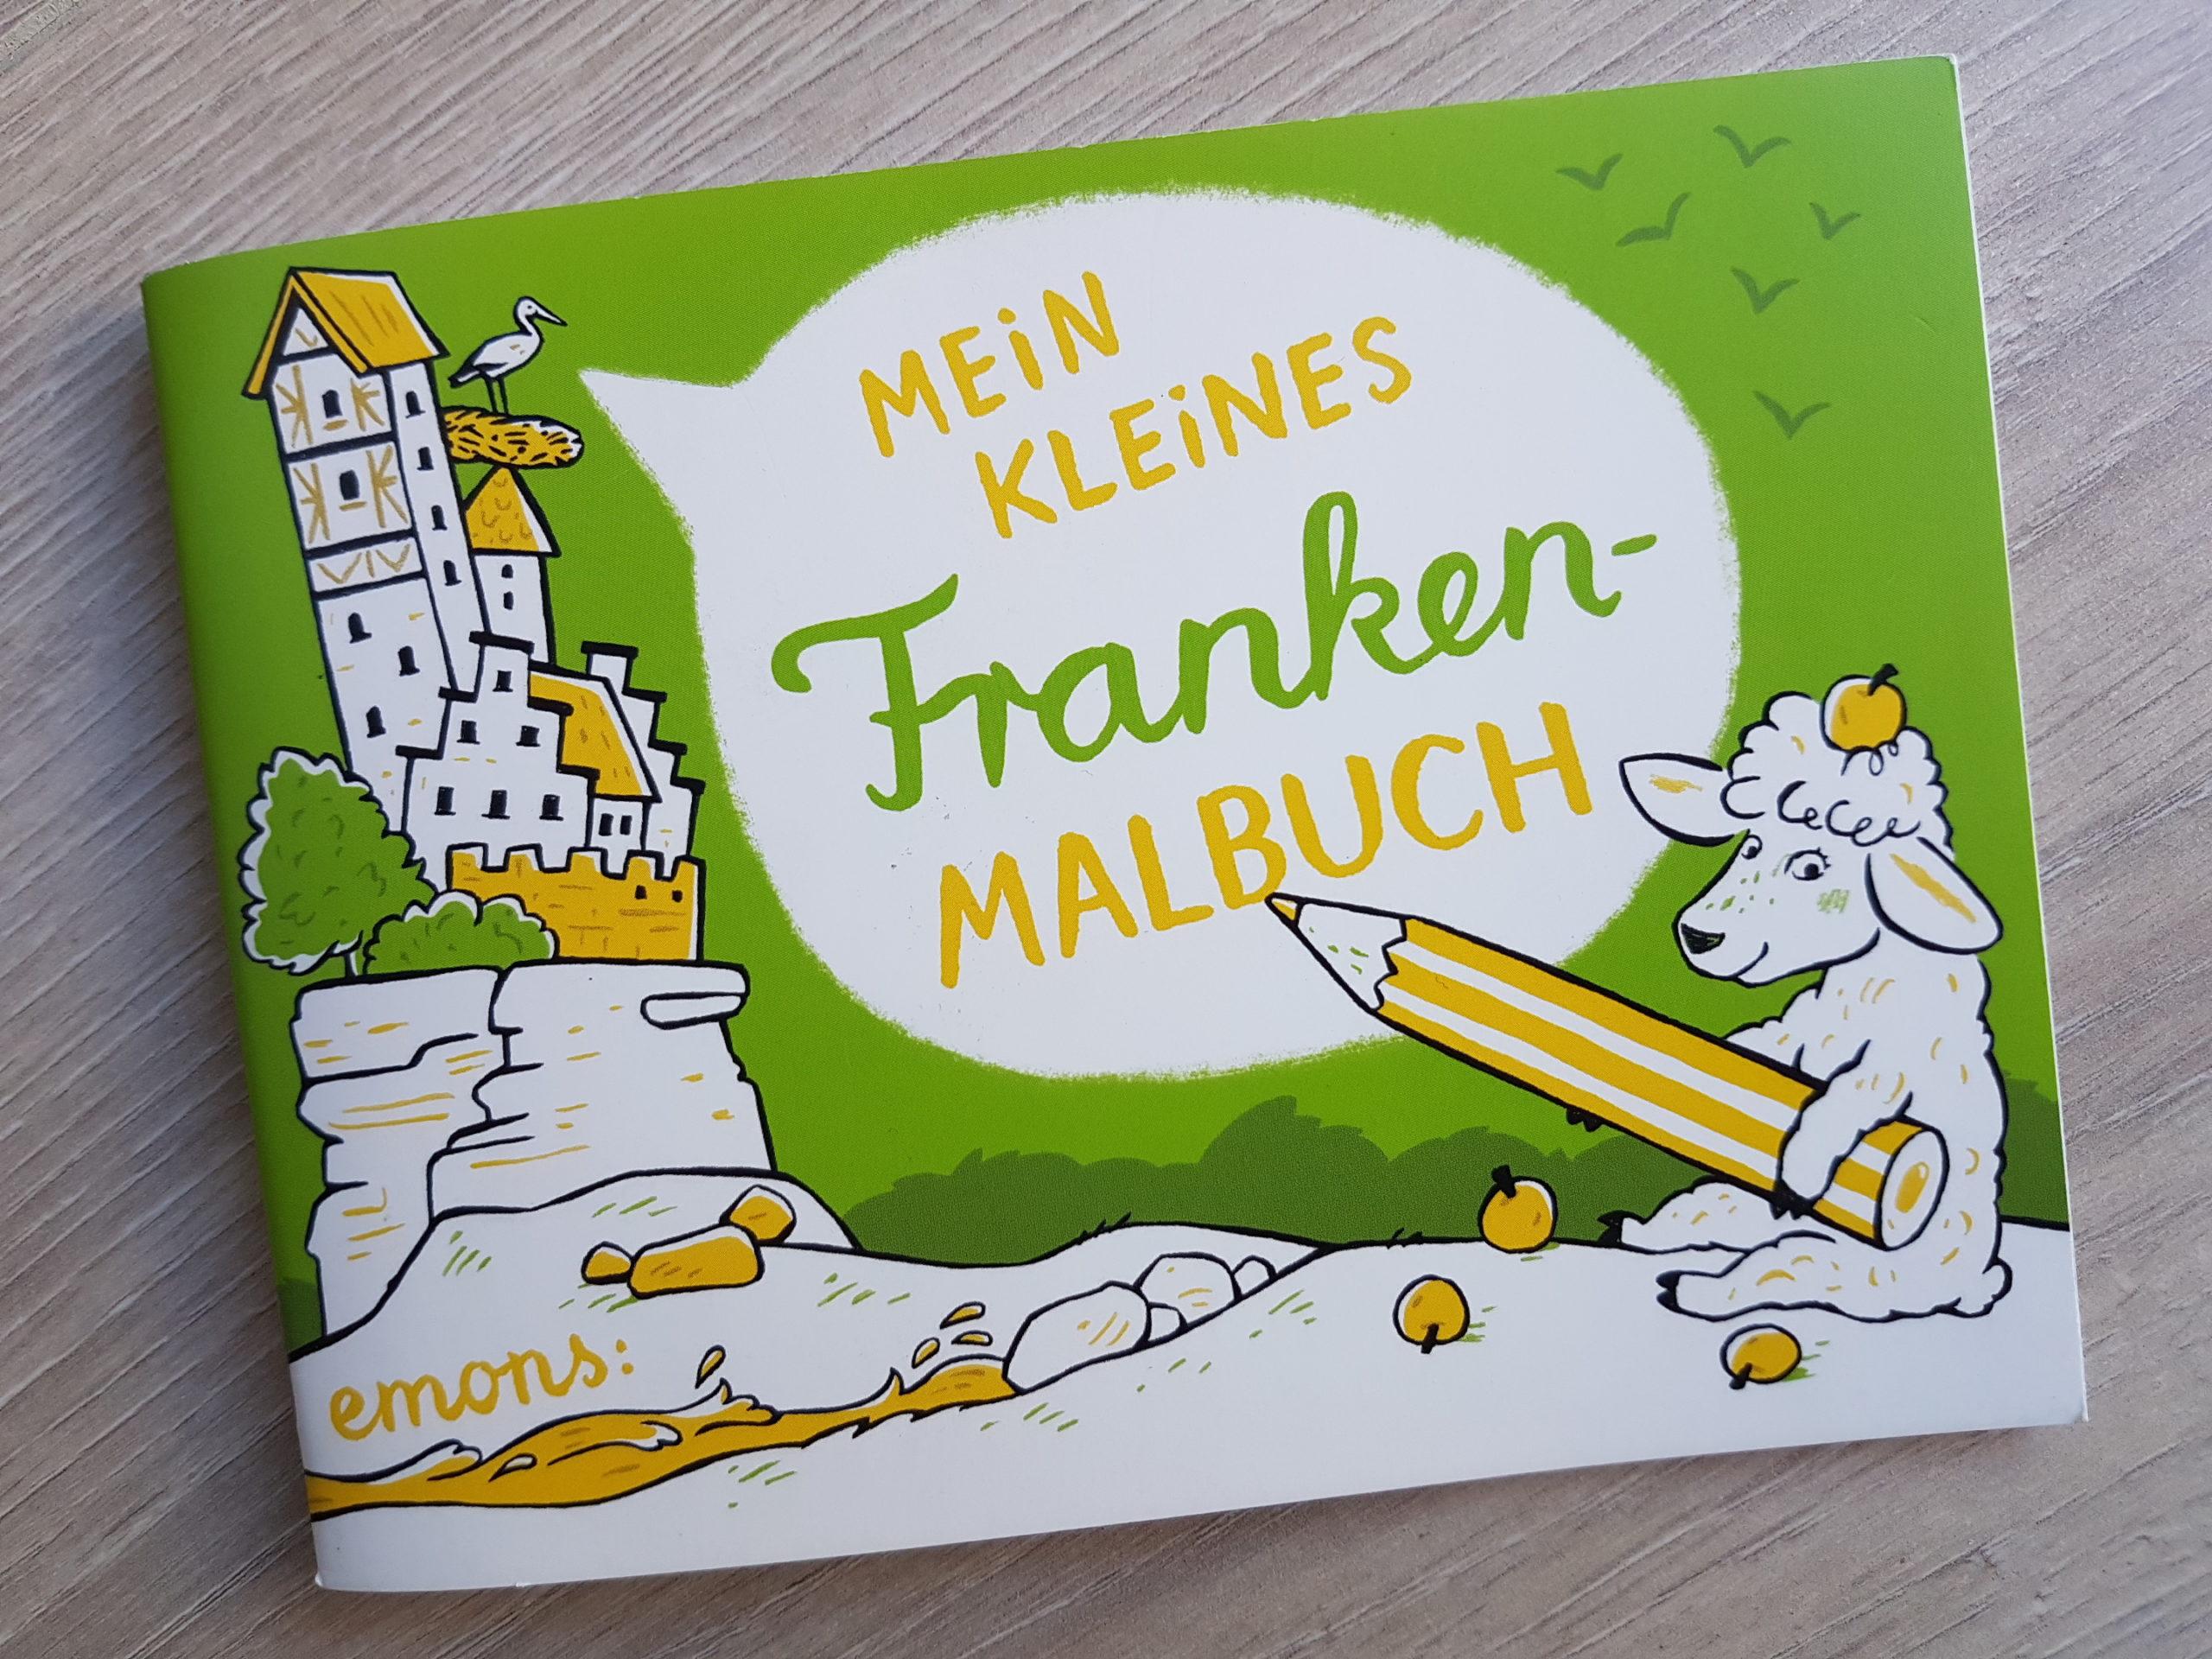 Verlosung - Mein kleines Franken Malbuch